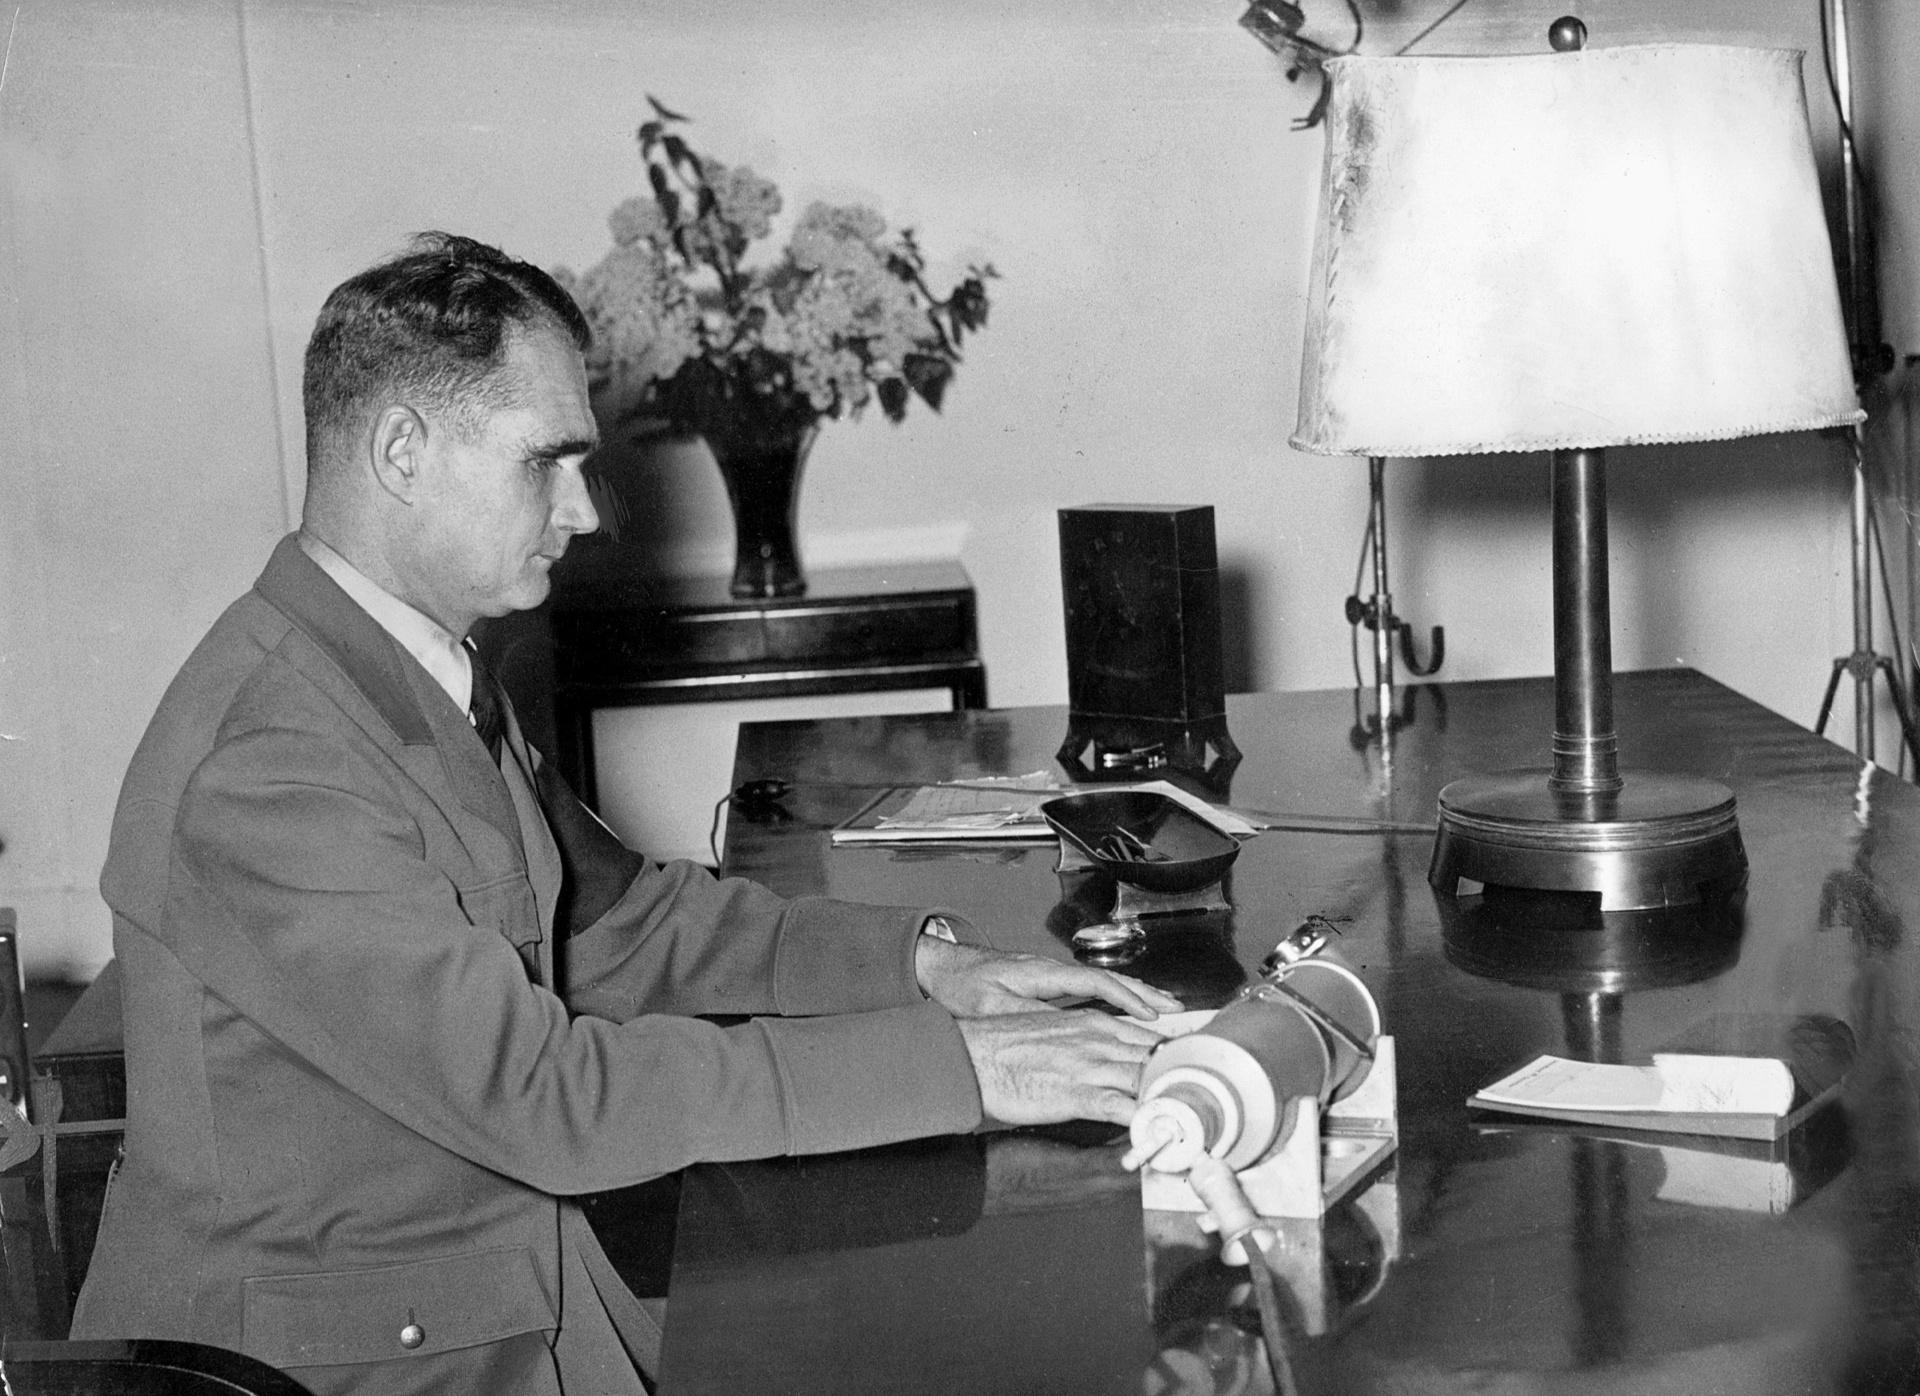 «Лондон до сих пор не раскрыл всех материалов»: как Рудольф Гесс улетел в Британию из Третьего рейха в 1941 году2